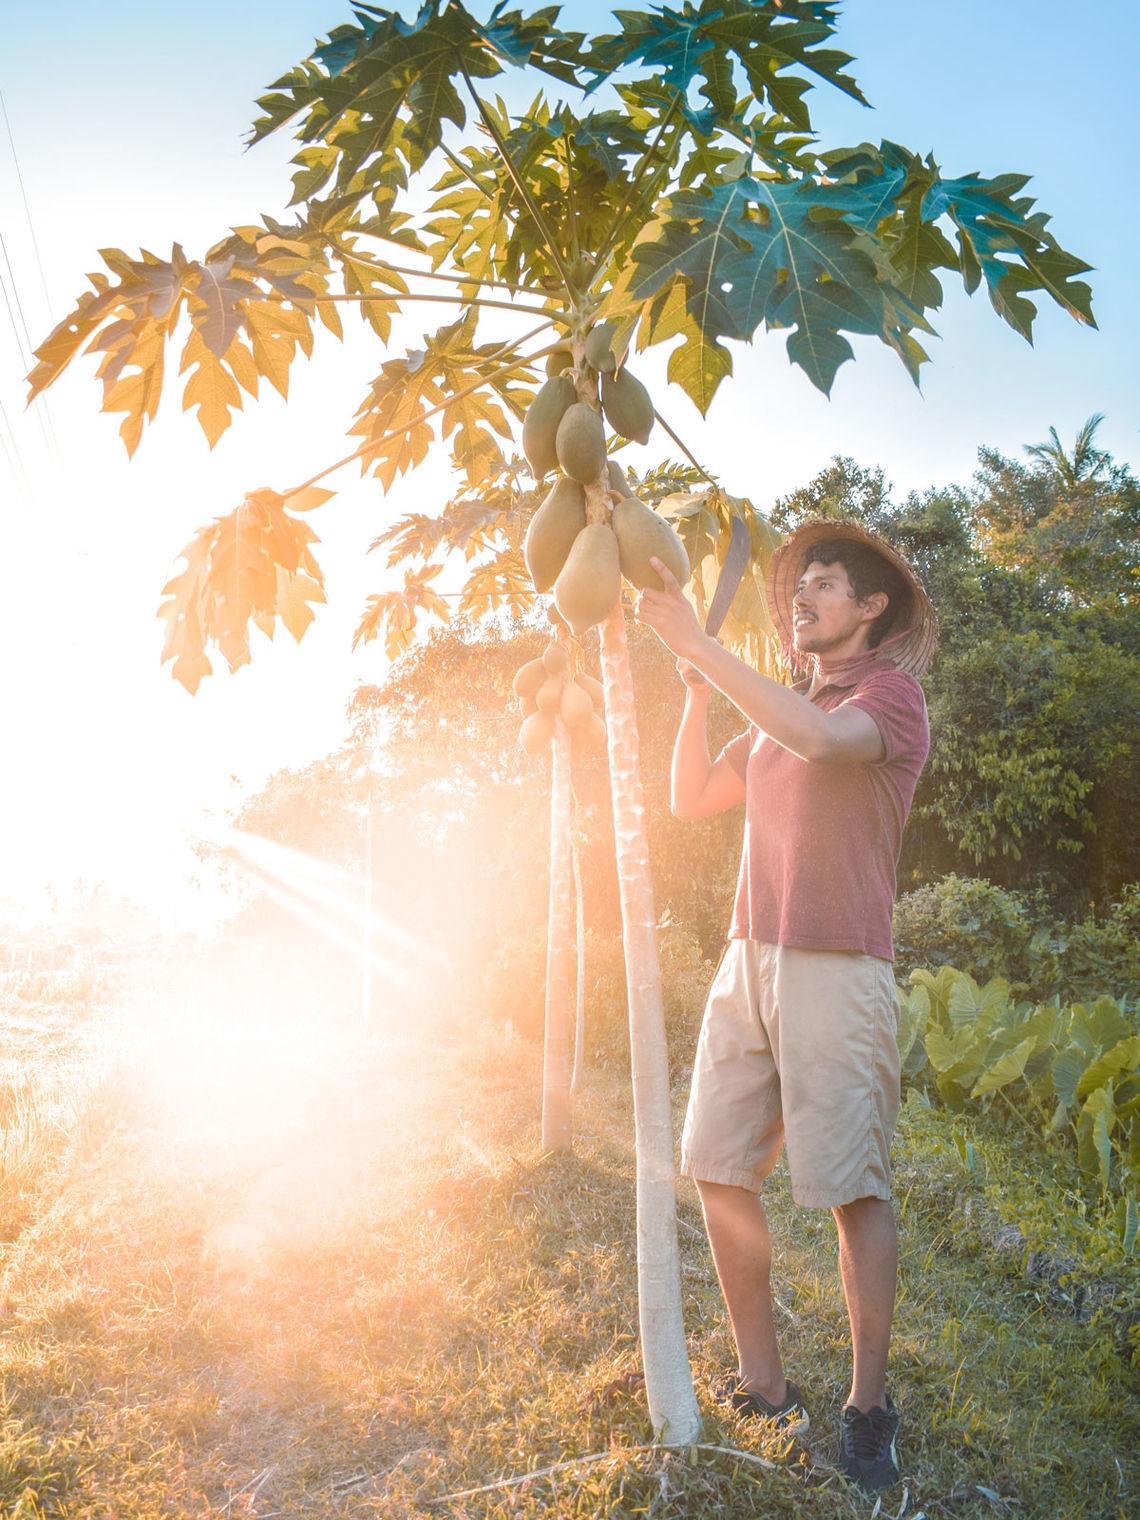 traveller-picking-papaya-fruit-tree